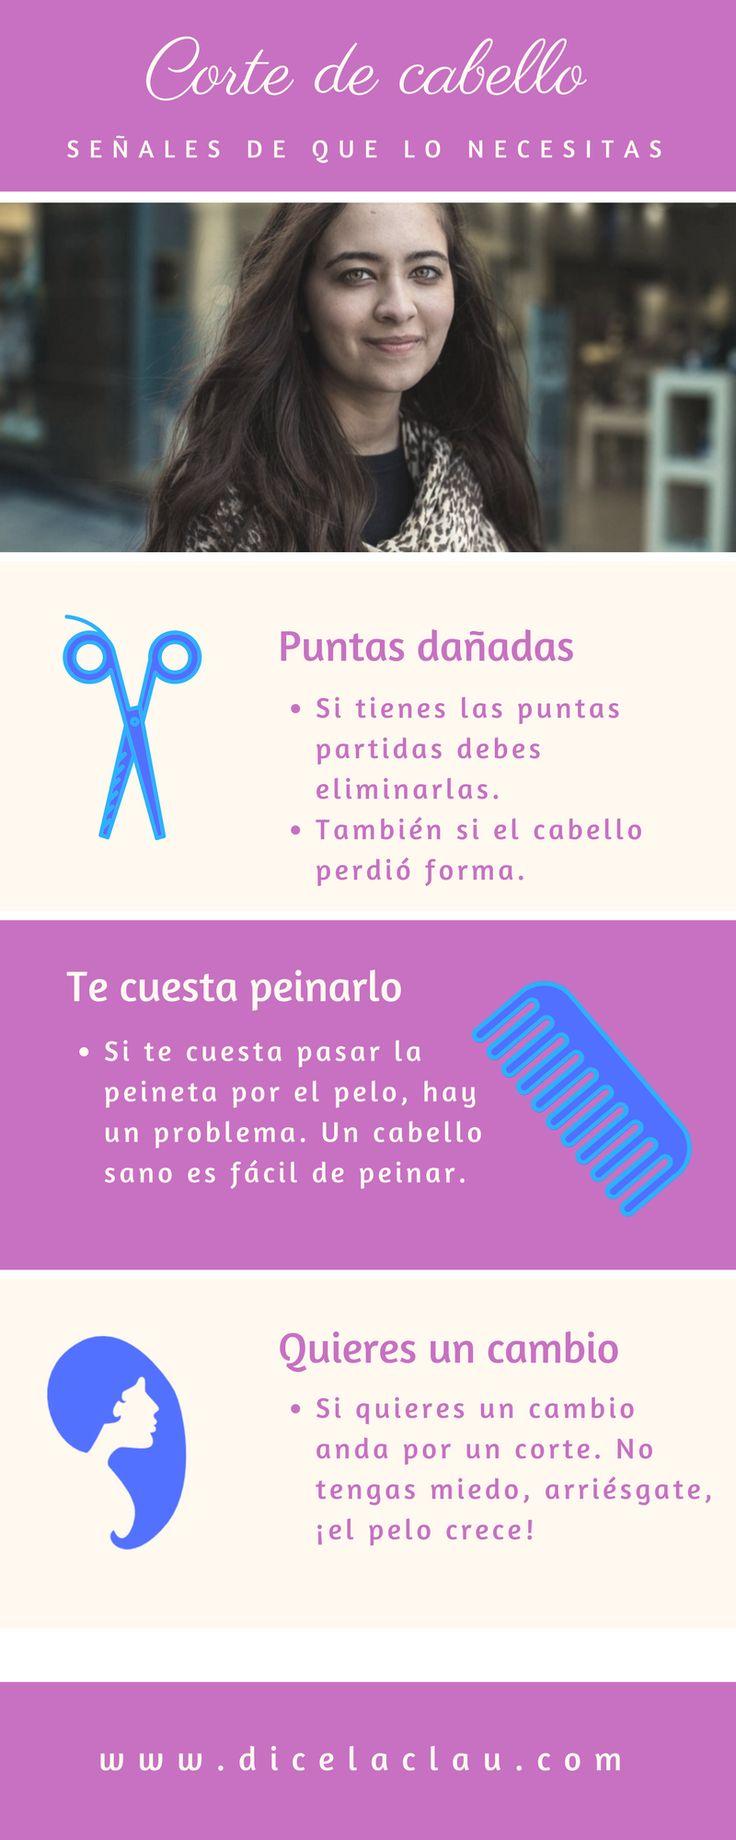 Estas señales te indican que necesitas un corte de cabello. No lo dejes pasar, puede estar mucho más sano y bonito.